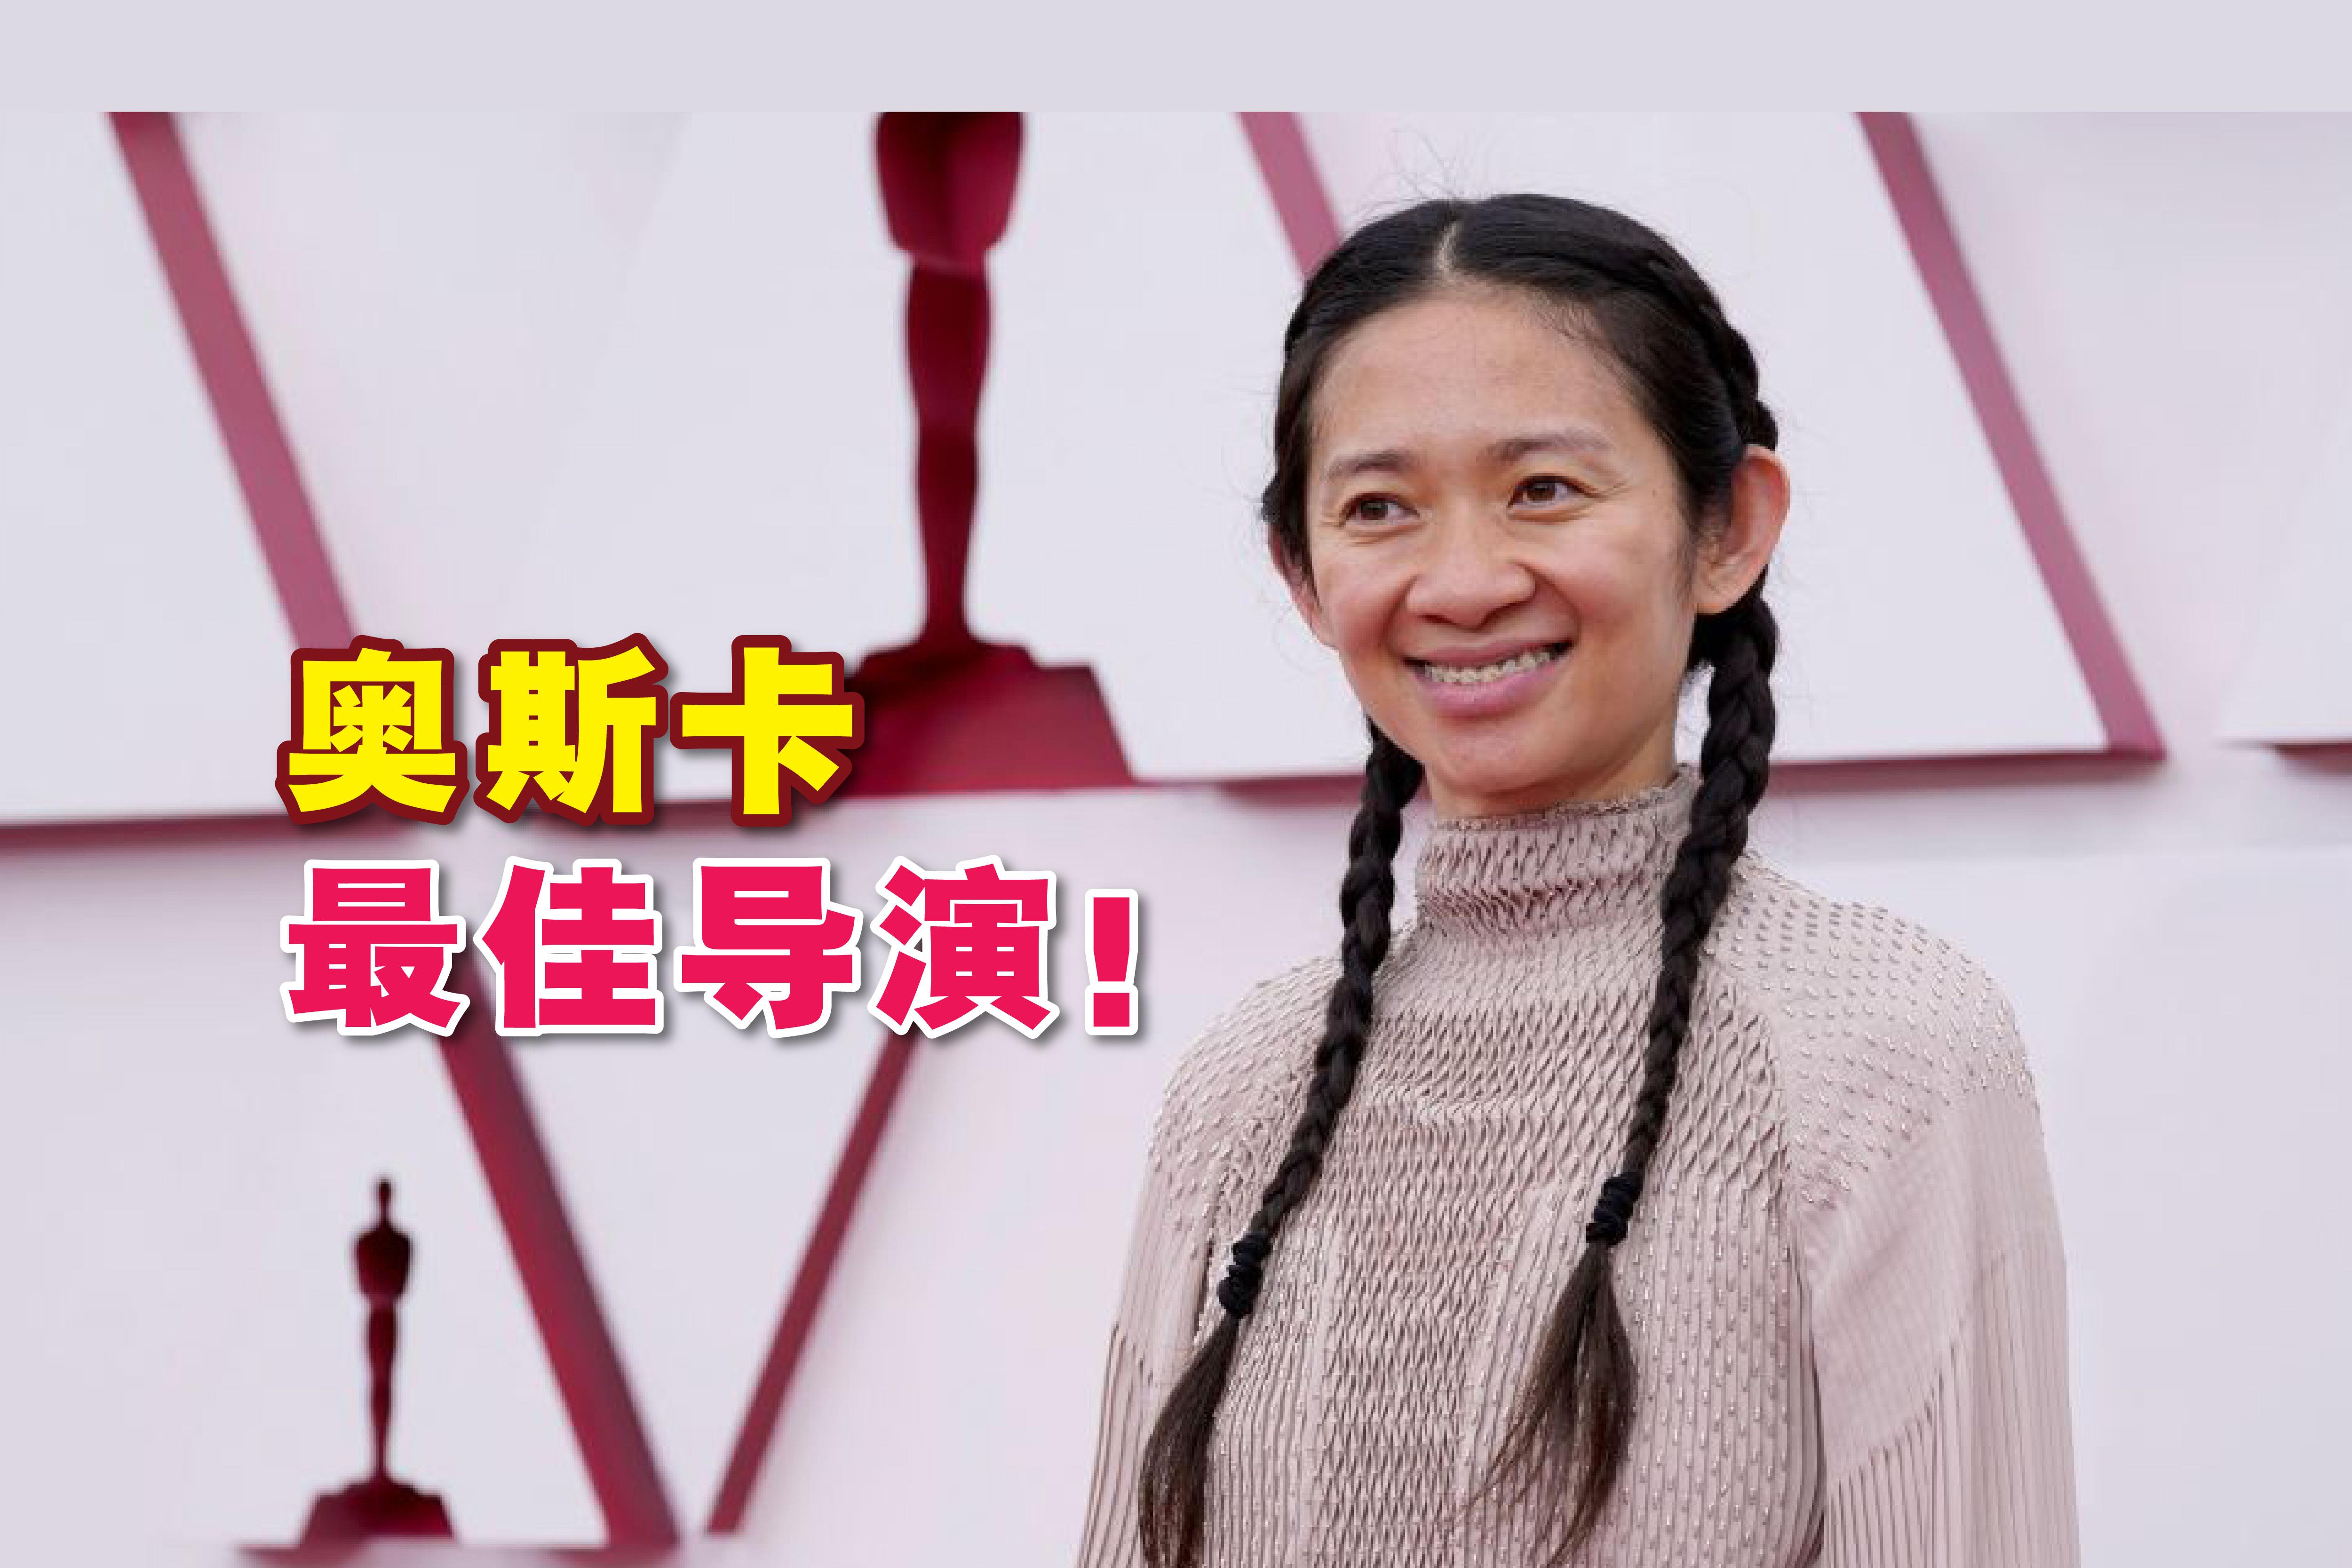 赵婷成为奥斯卡93年以来第二位获得最佳导演的女性,同时也是亚洲女性第一人!-路透社/精彩大马制图-